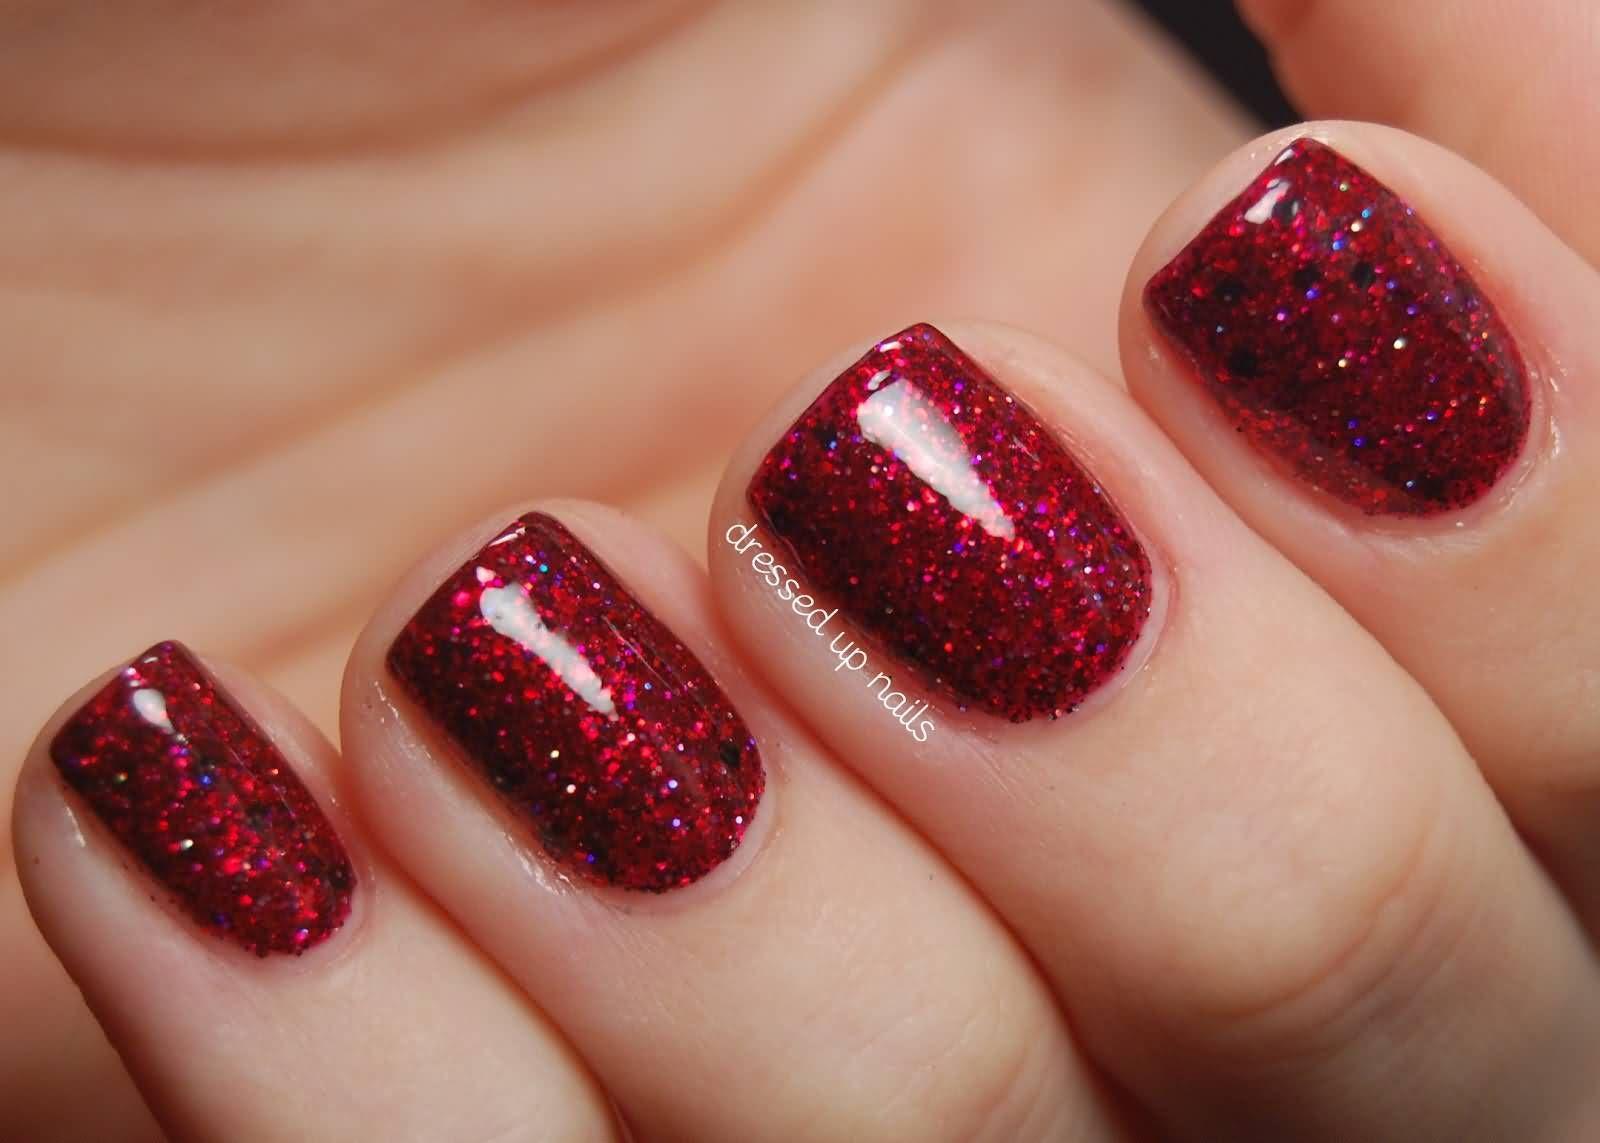 Simple-Maroon-Glitter-Nail-Ideas.jpg 1,600×1,143 pixels | Nails ...